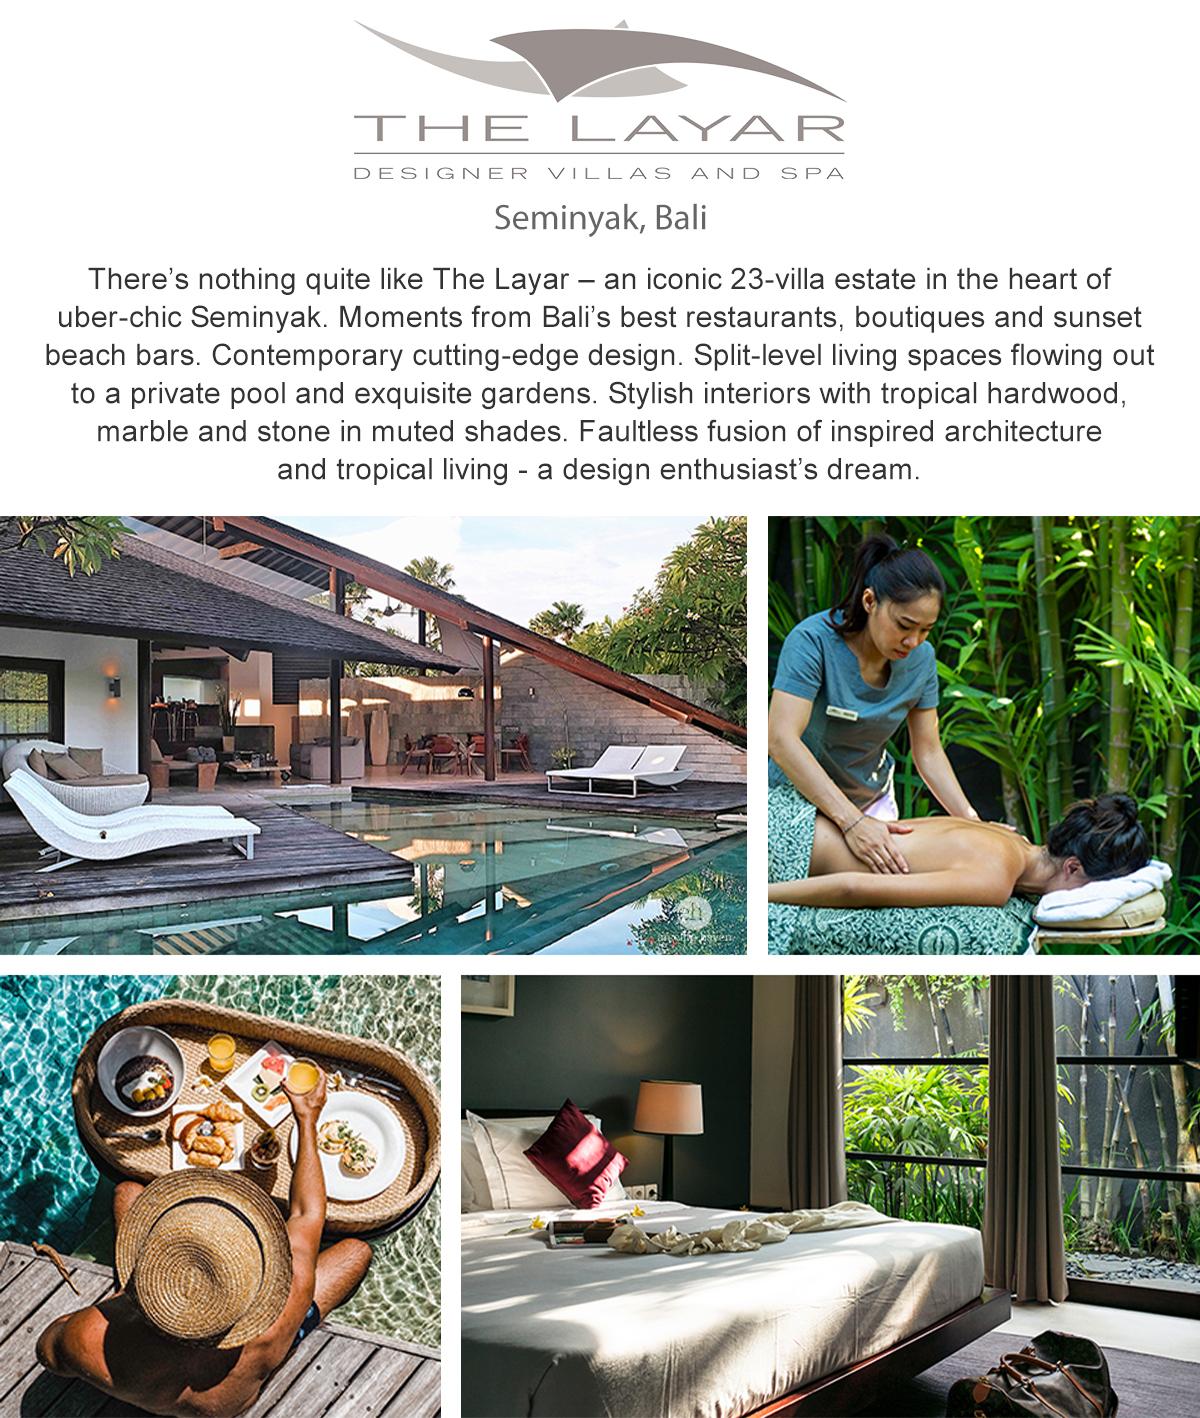 The Layar - Seminyak, Bali